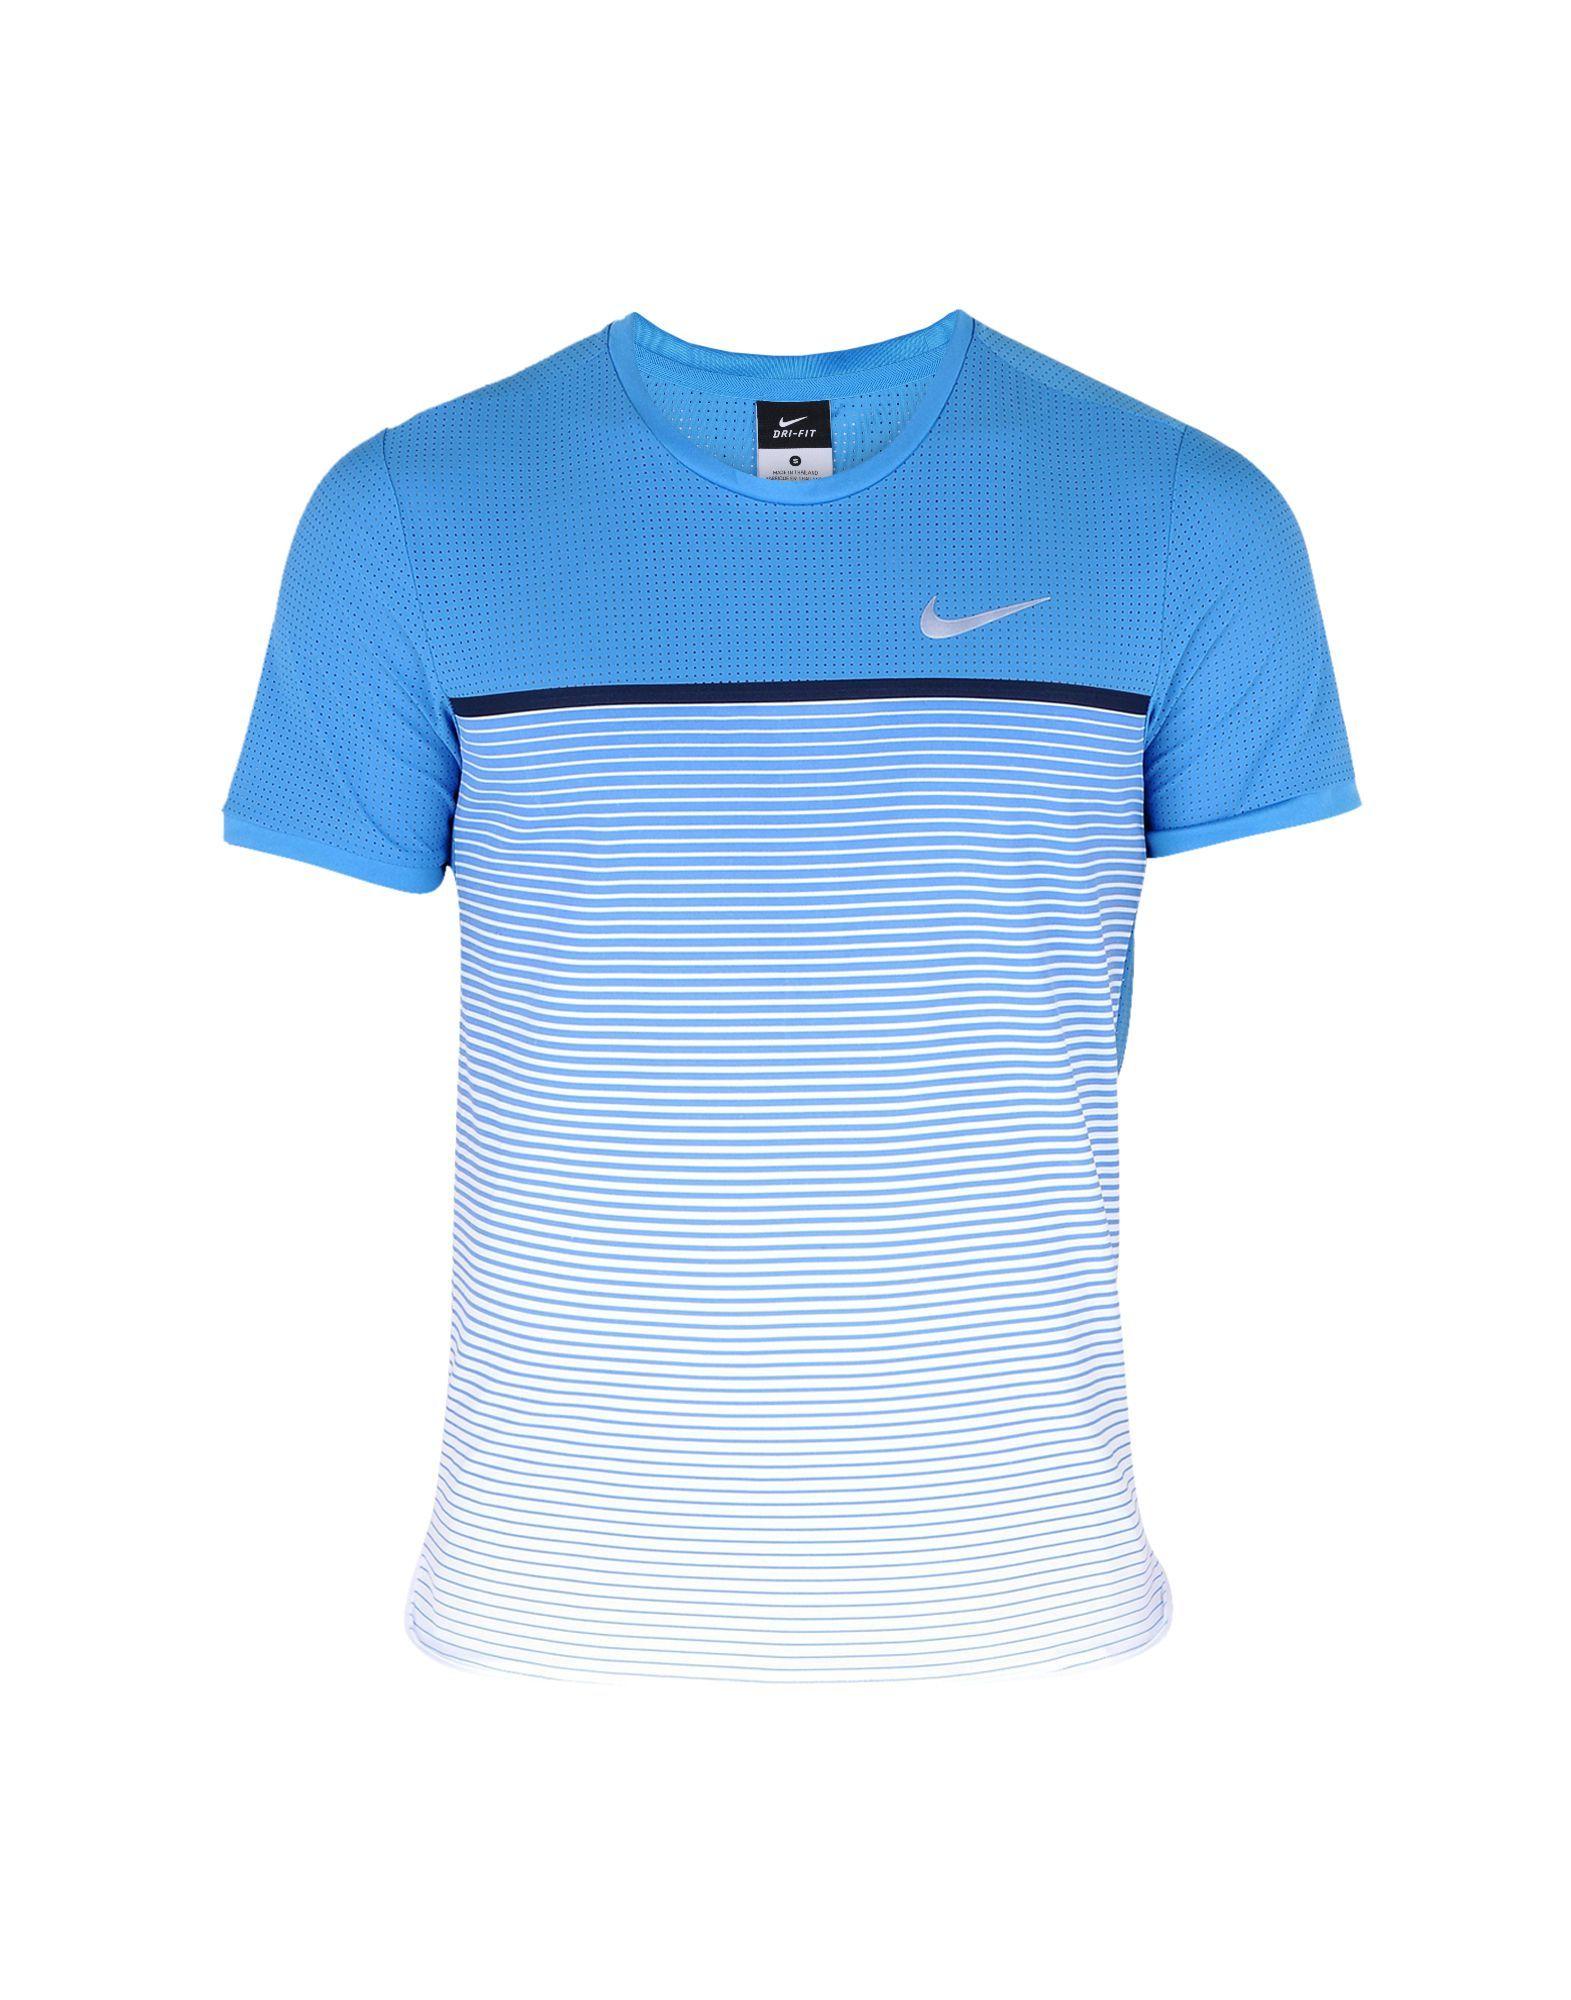 Nike Azure T-shirt